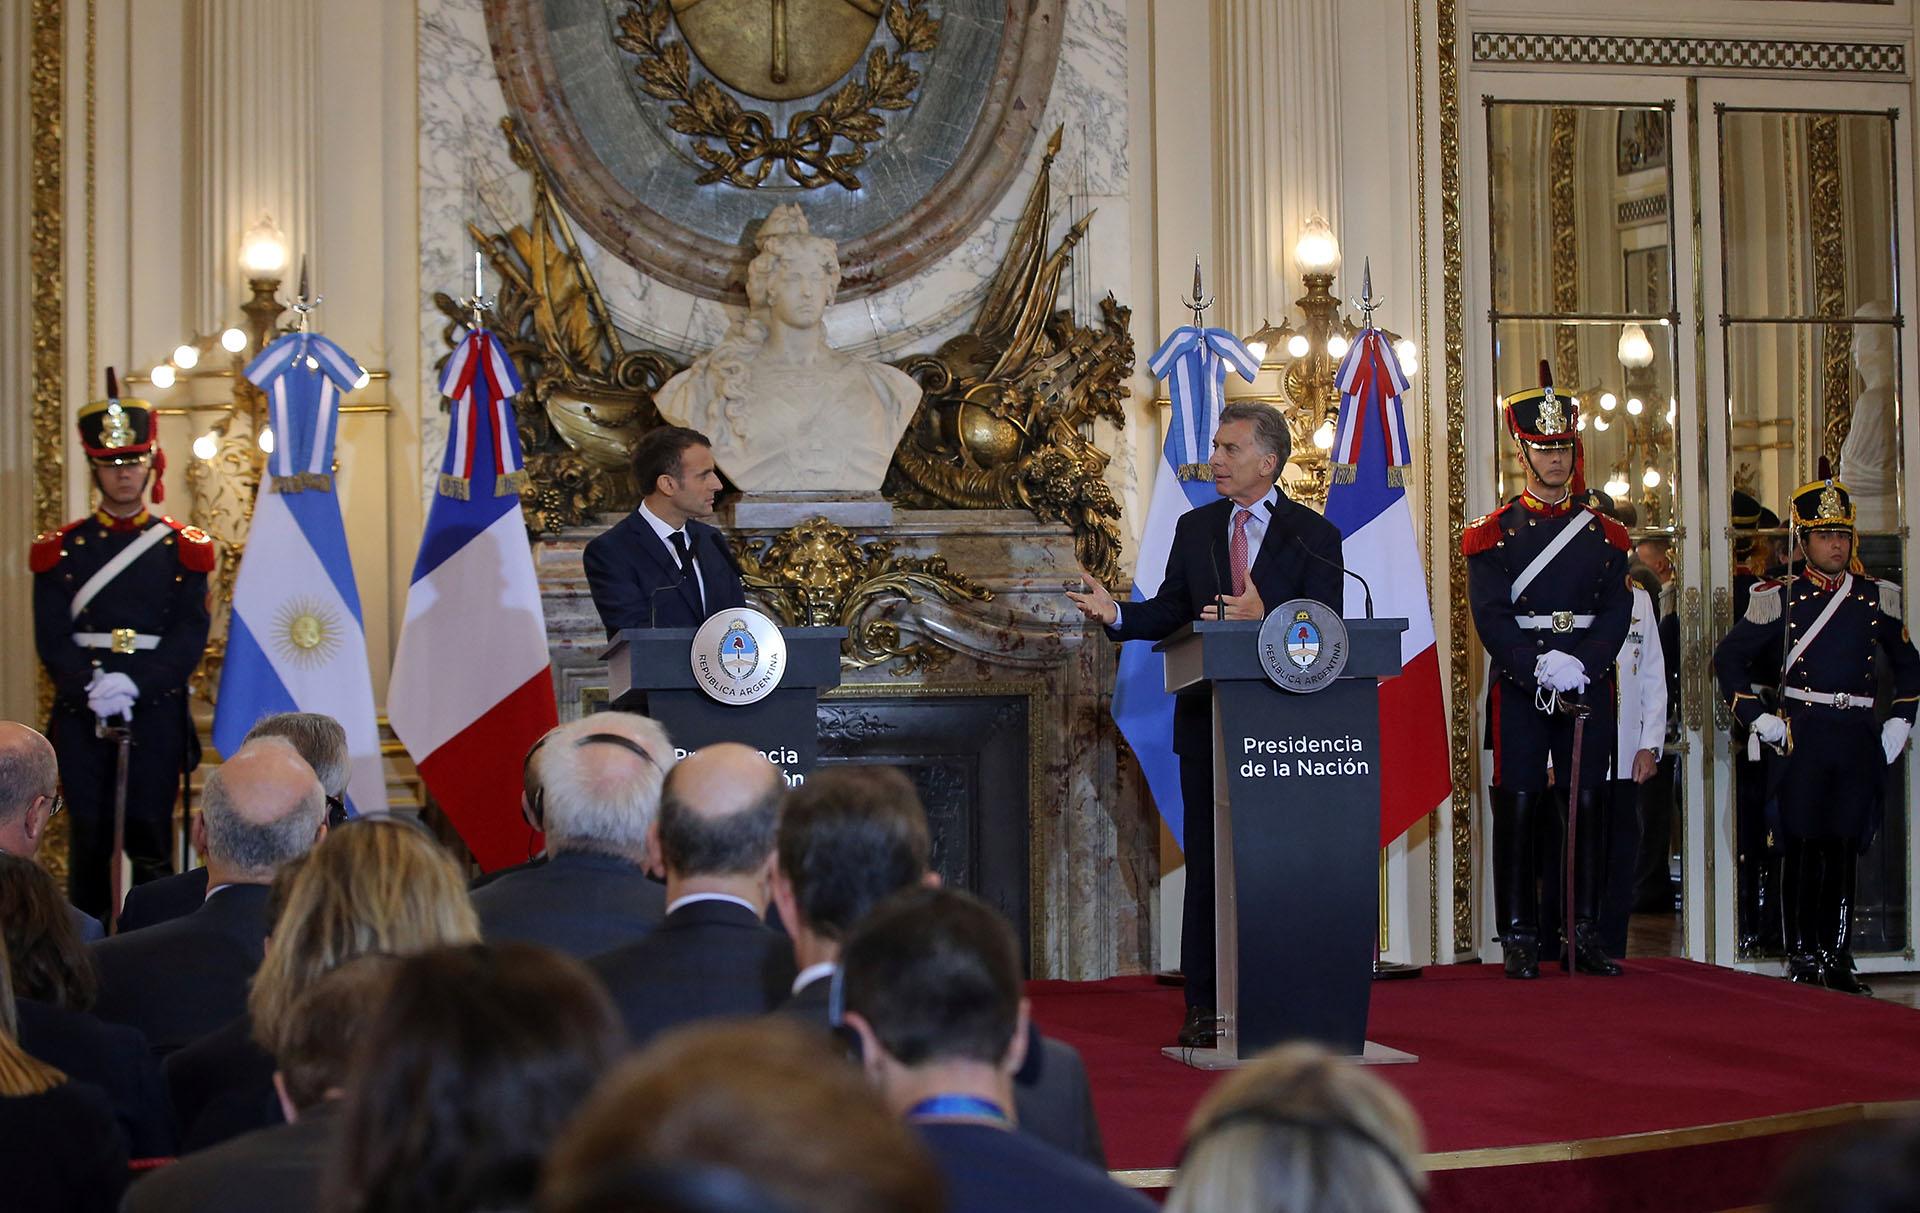 La conferencia de prensa de Macri y Macron(Reuters)